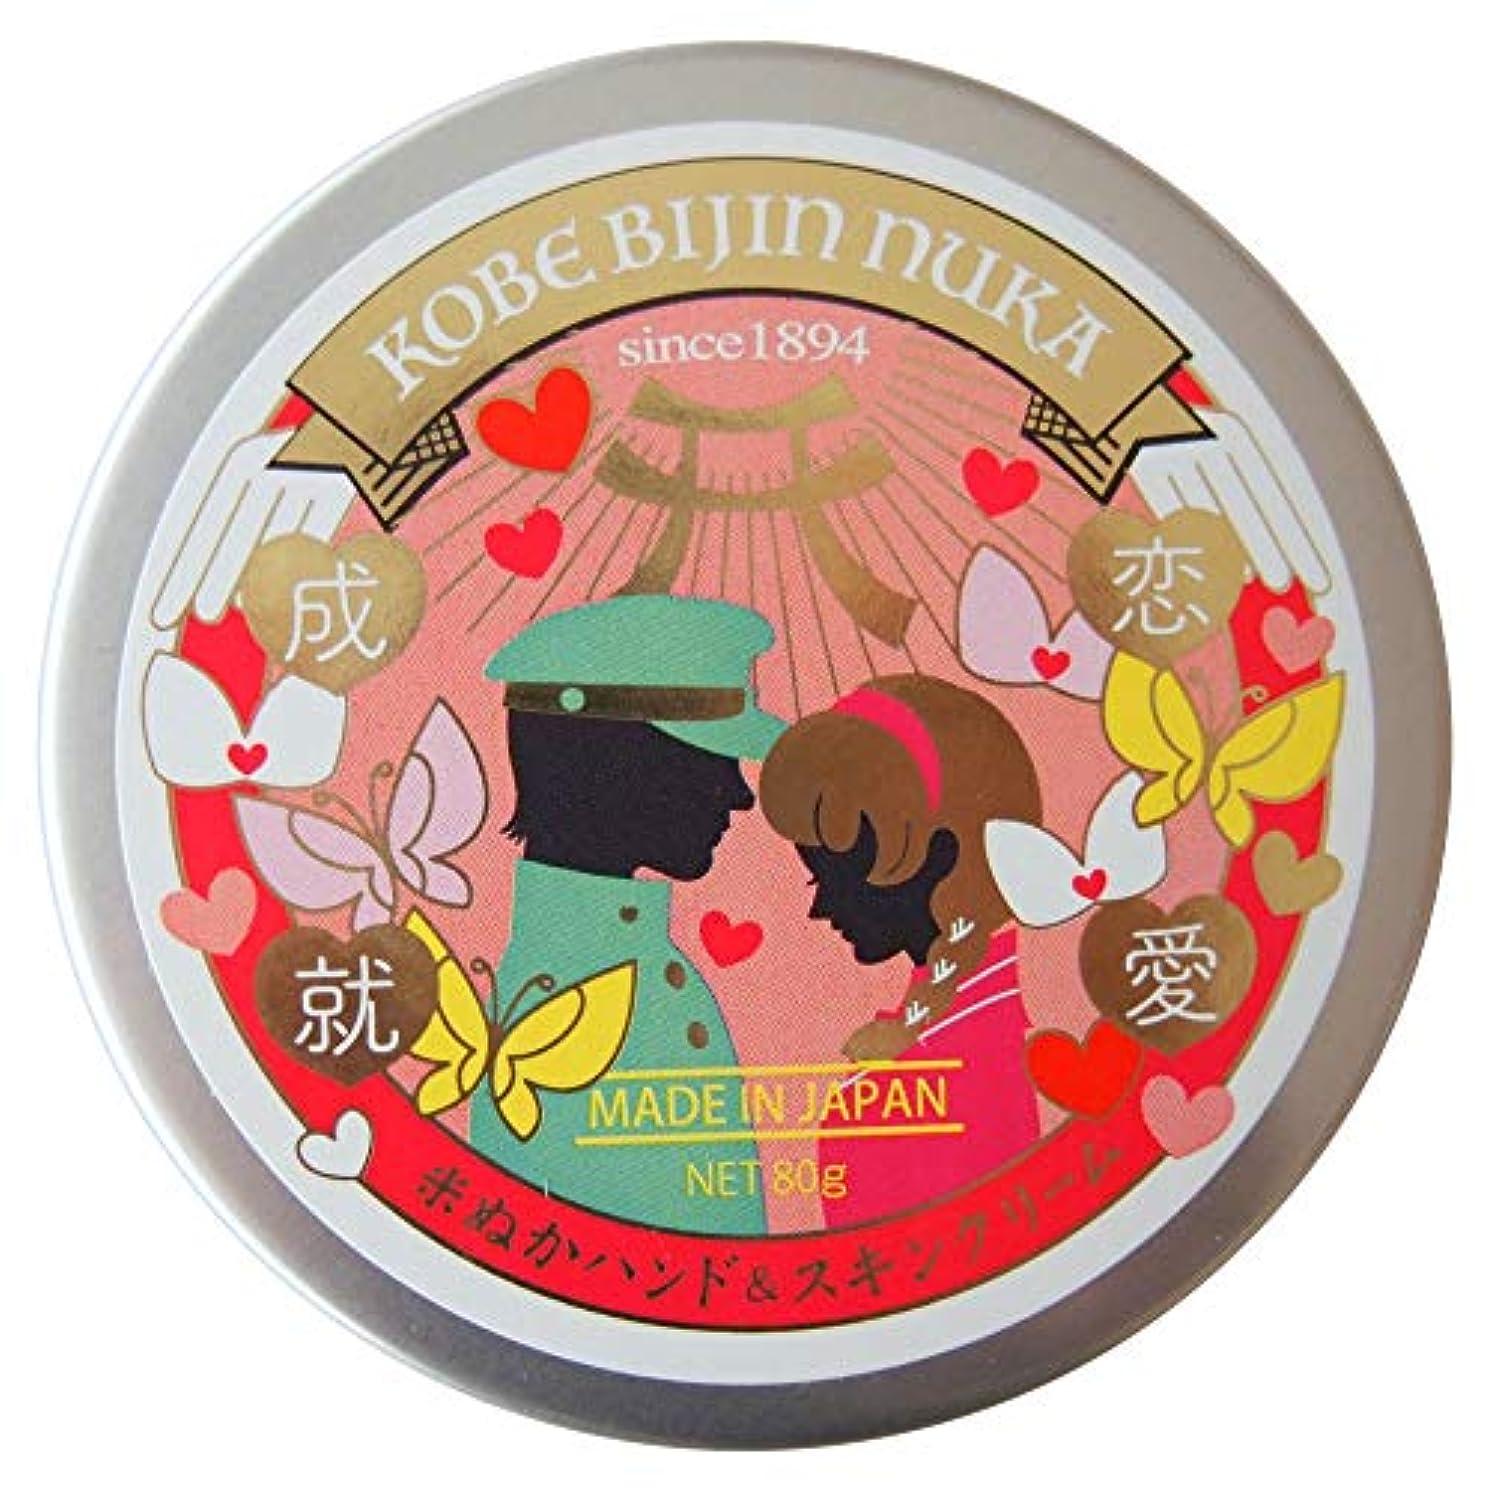 空の記者フィールド神戸美人ぬか 米ぬかハンド&スキンクリーム(恋愛成就)【キュートフローラルの香り】 80g